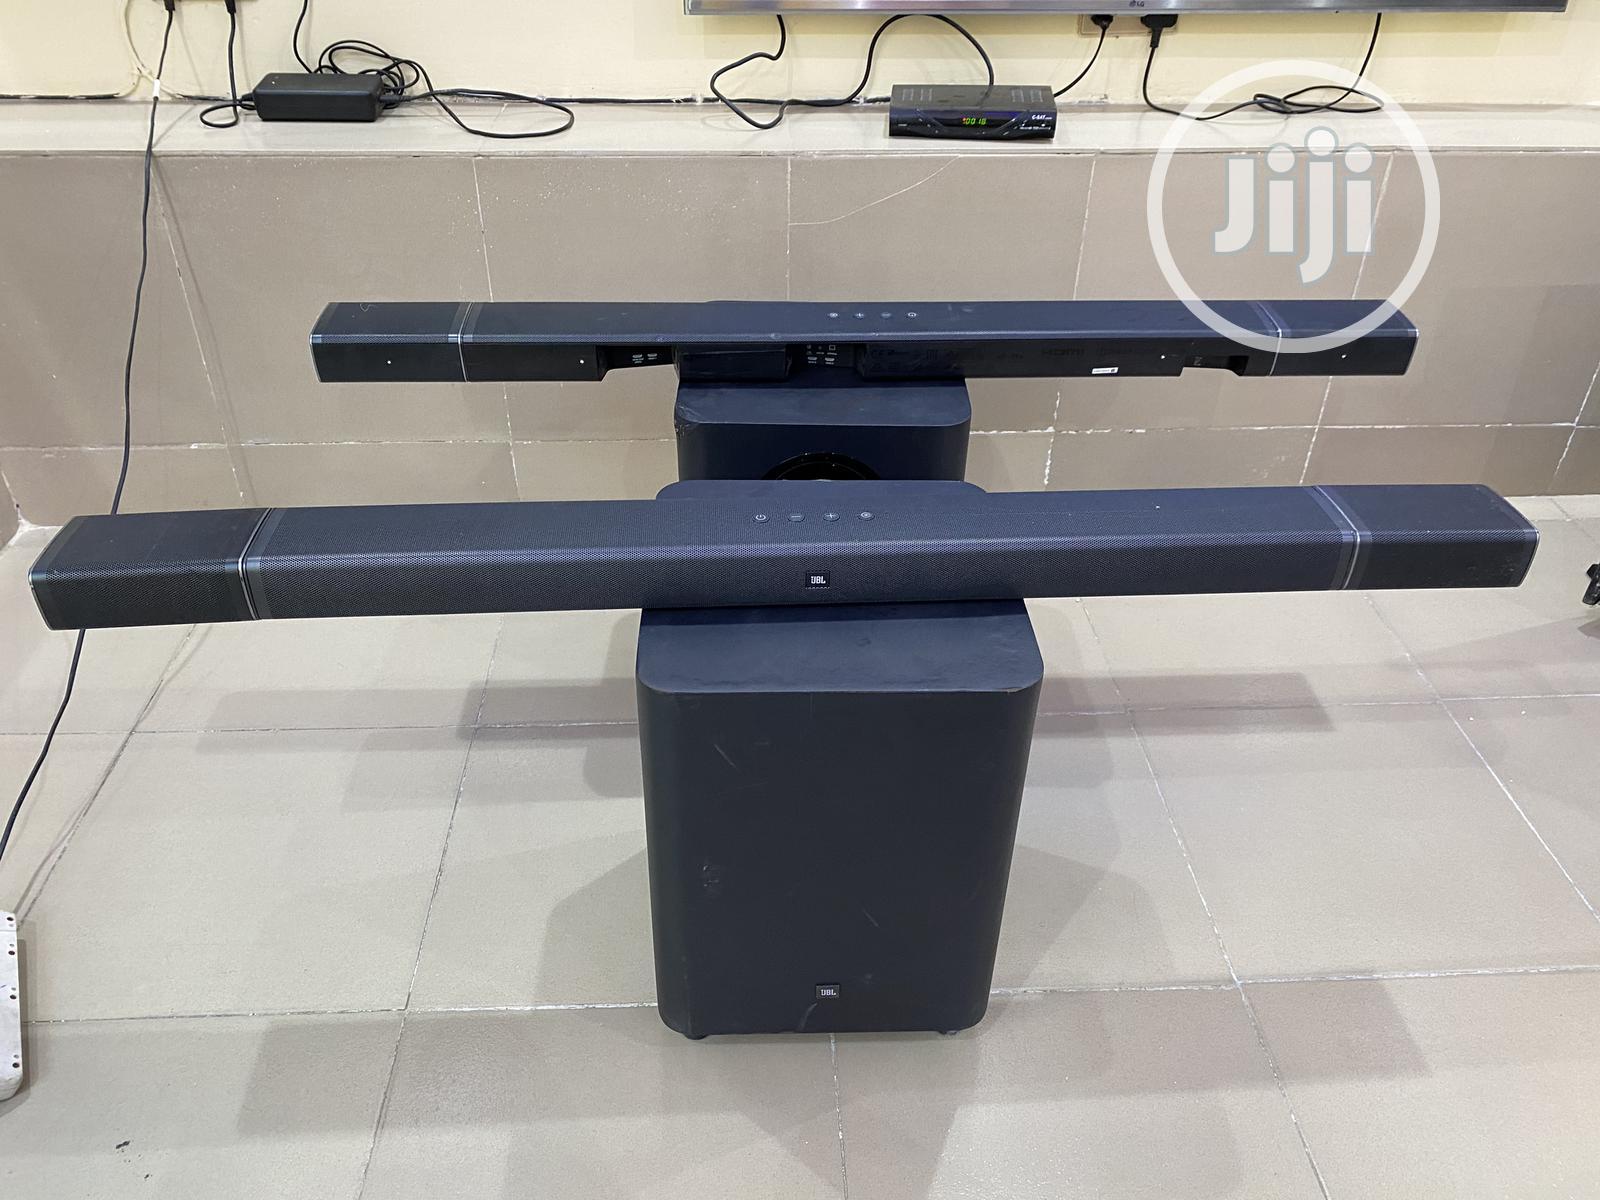 JBL Bar 5.1 - Channel 4K Ultra HD Soundbar With True Wirele